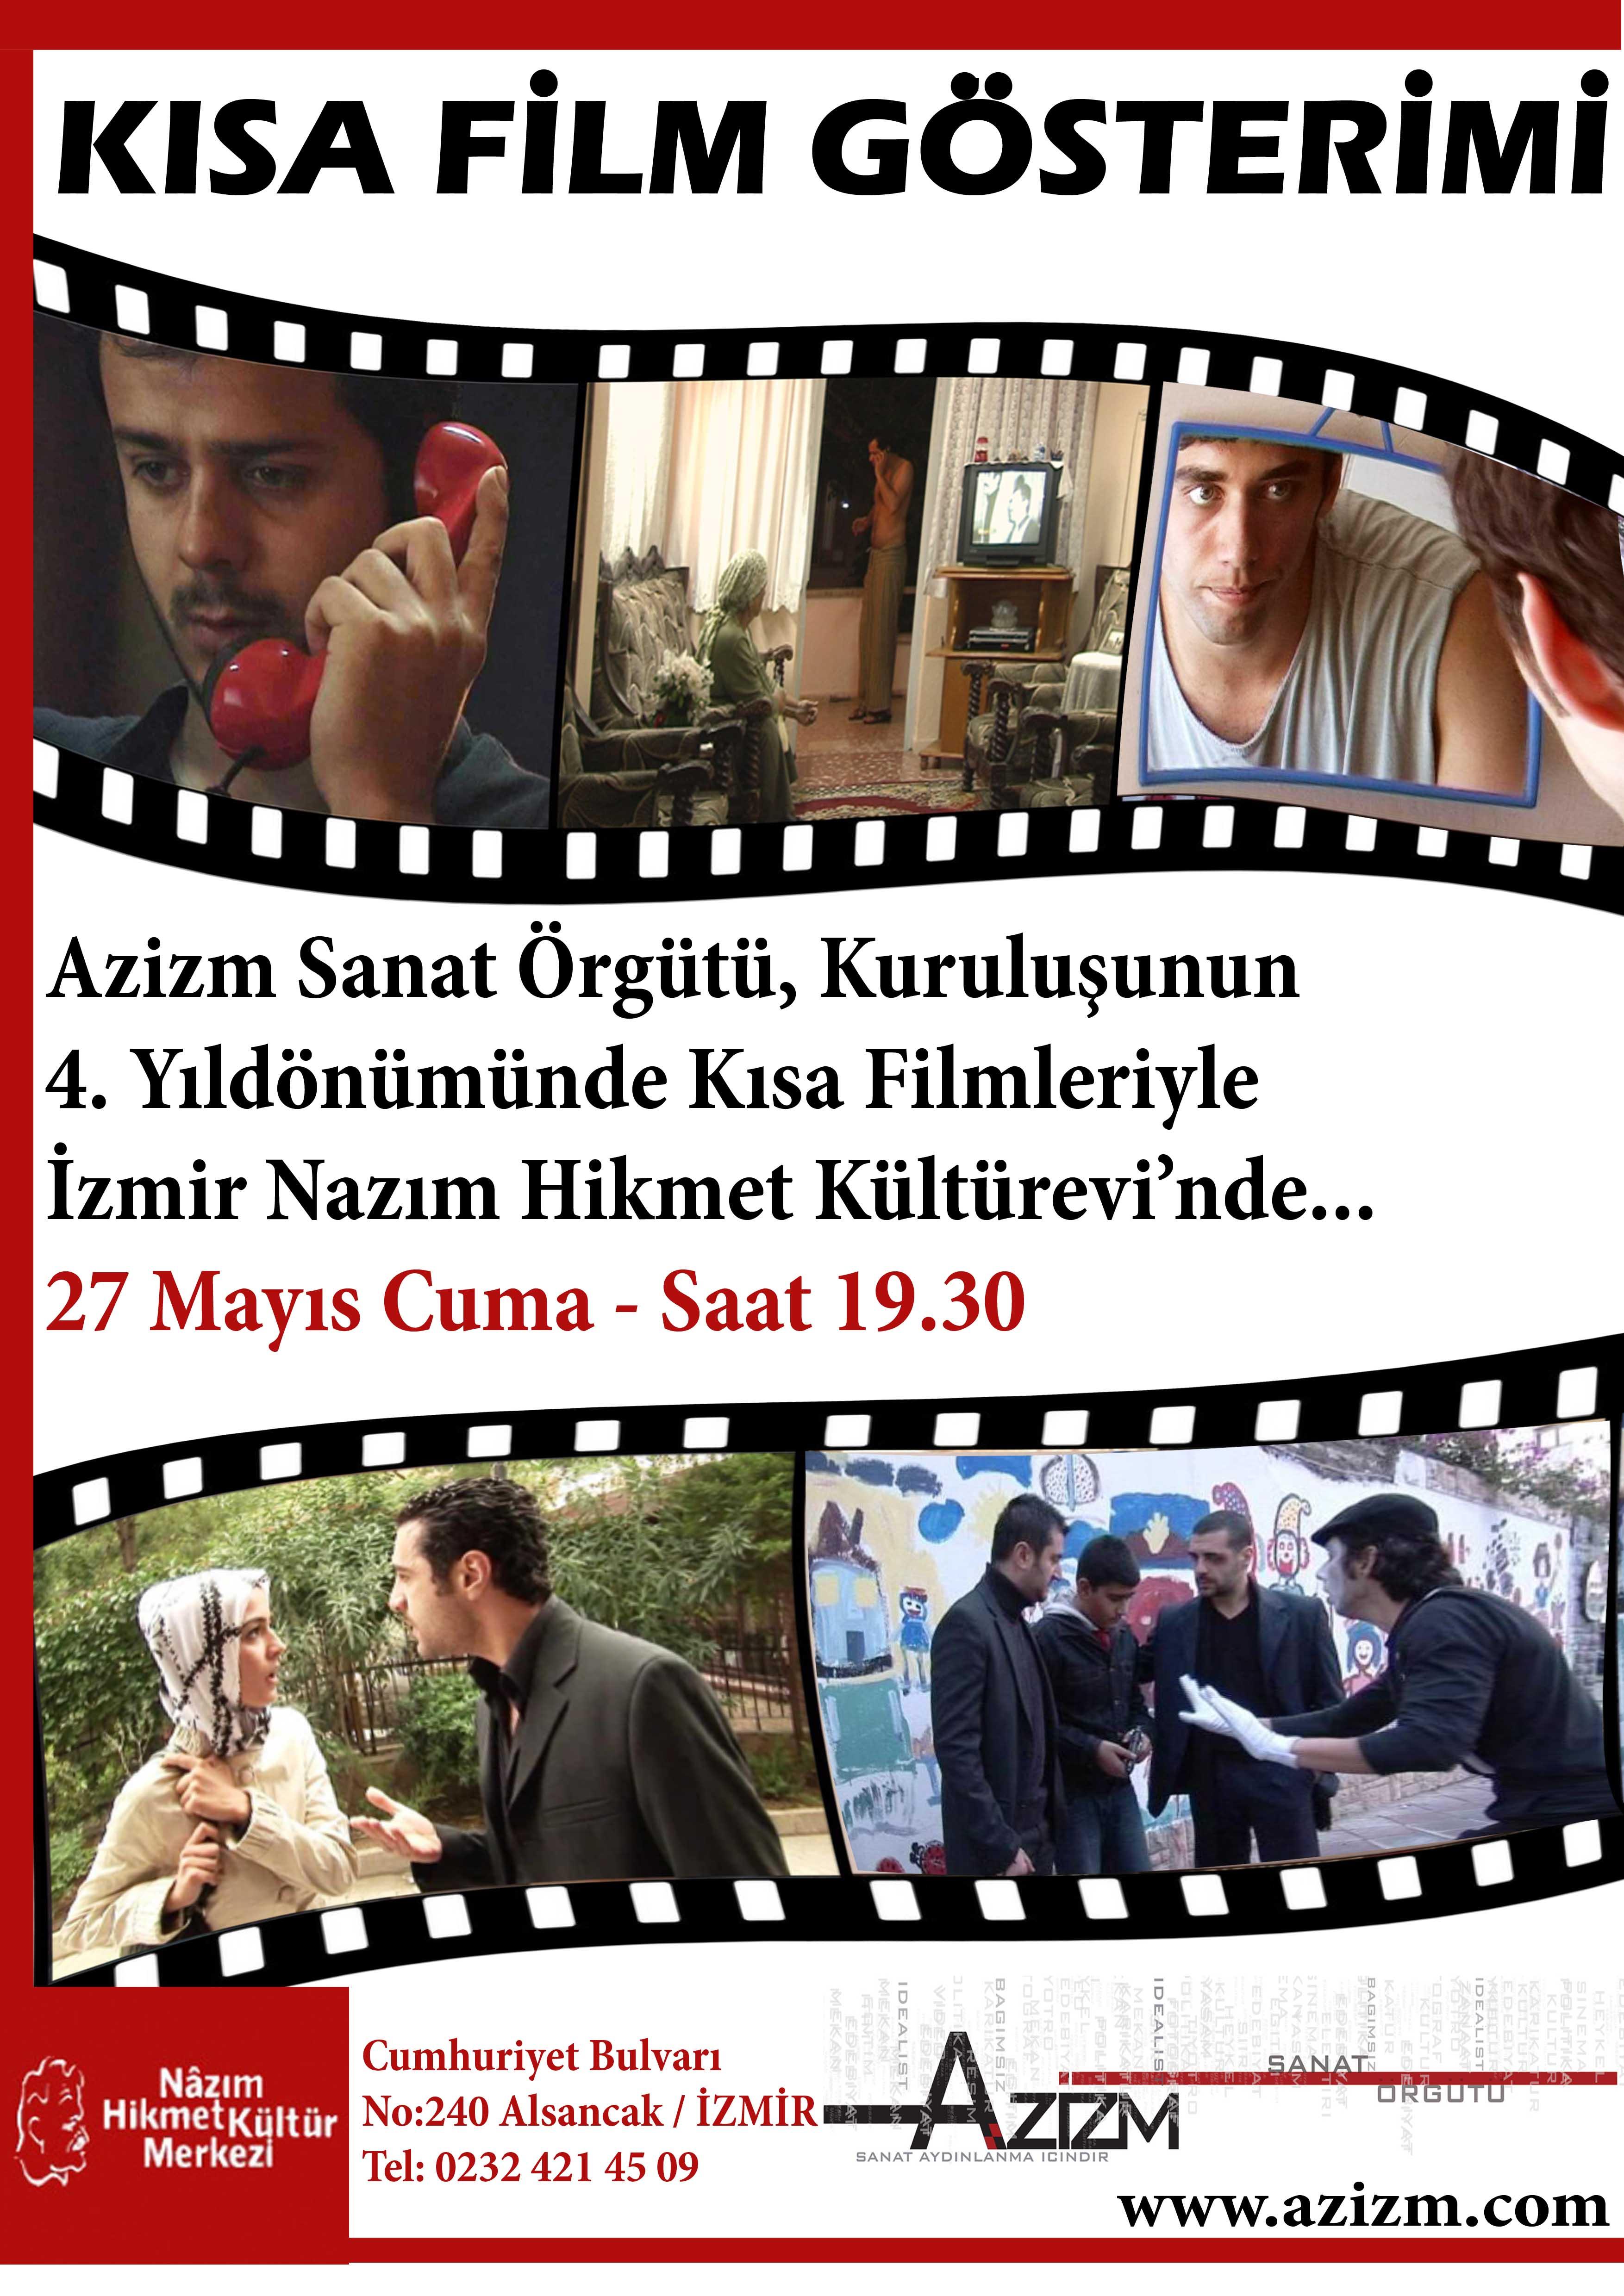 Azizm Sanat Örgütü 4. Kuruluş Yıl Dönümü Kısa Film Gösterimi (27 Mayıs 2011)